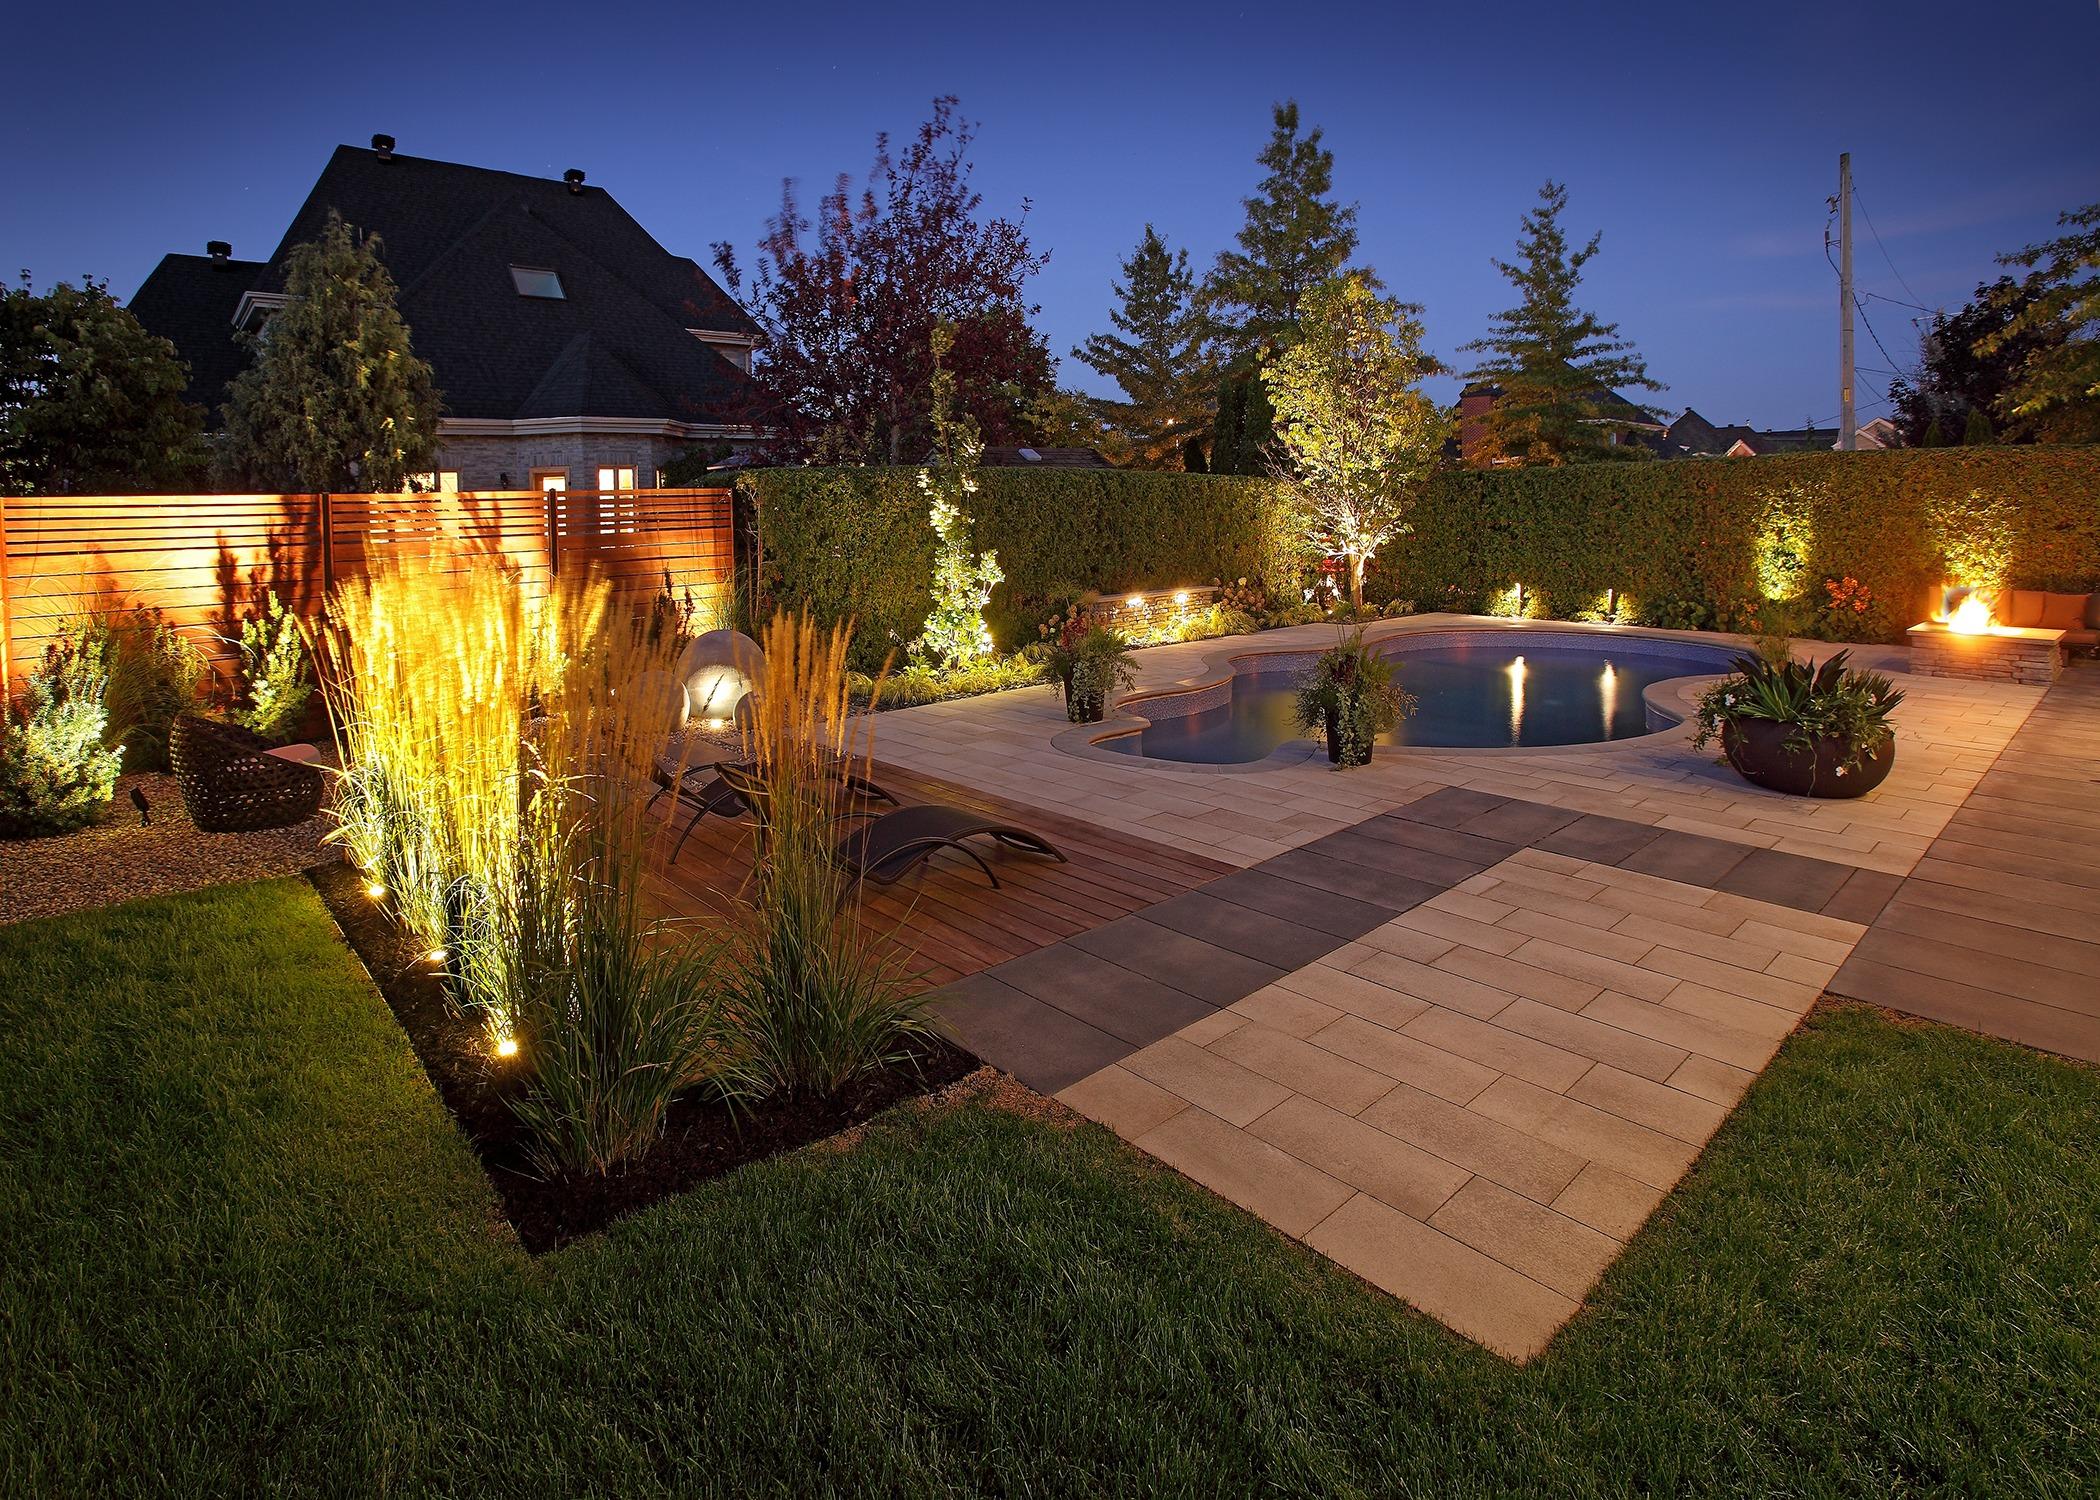 Aménagement paysager avec pisicne, chaises longues et plantes ornementales